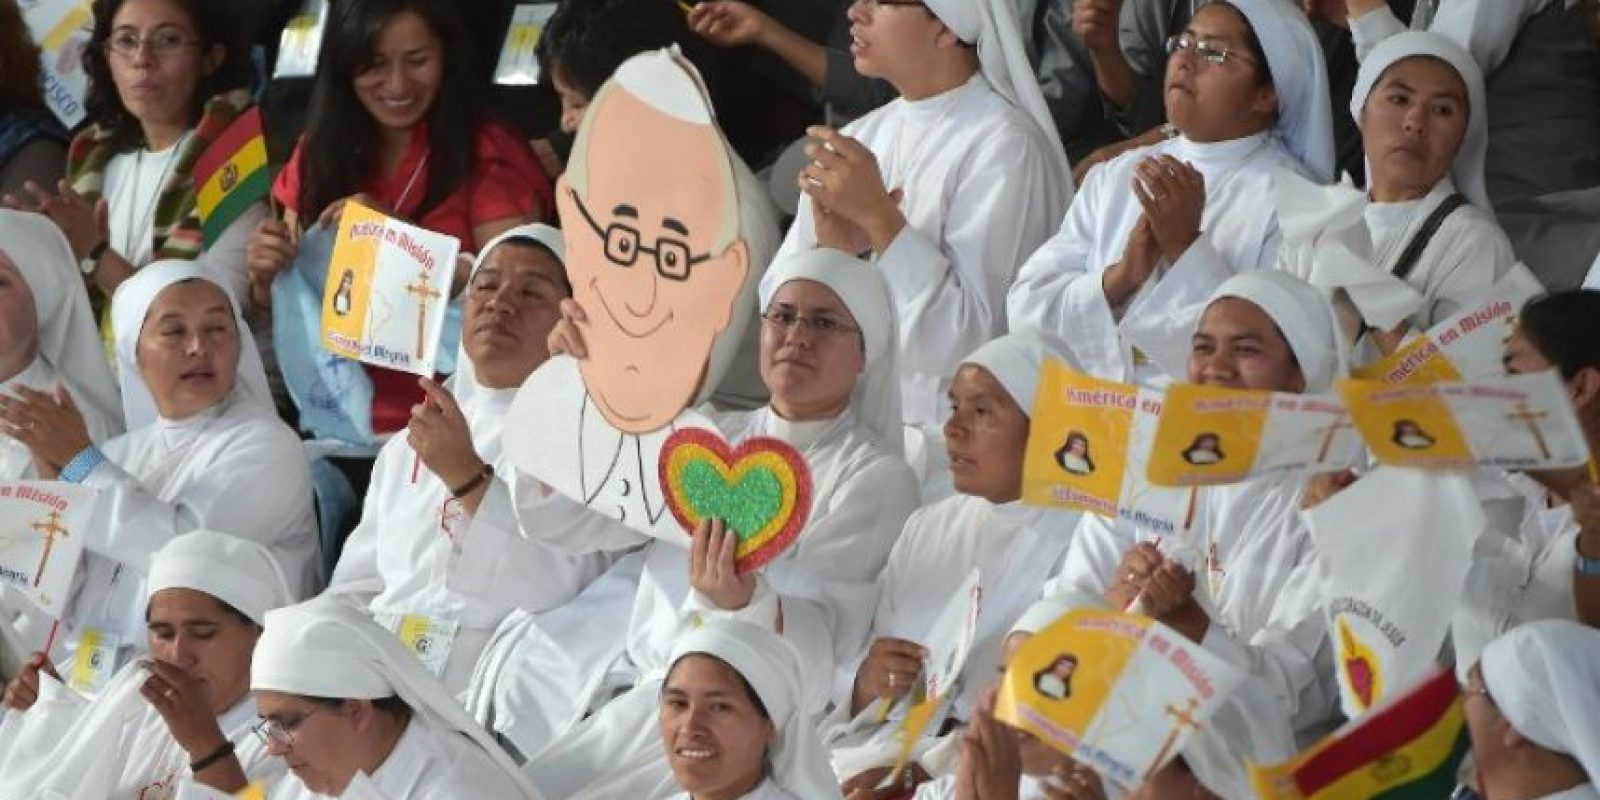 """También pidió """"Tierra, techo y trabajo"""" para todos los presentes Foto:AFP"""